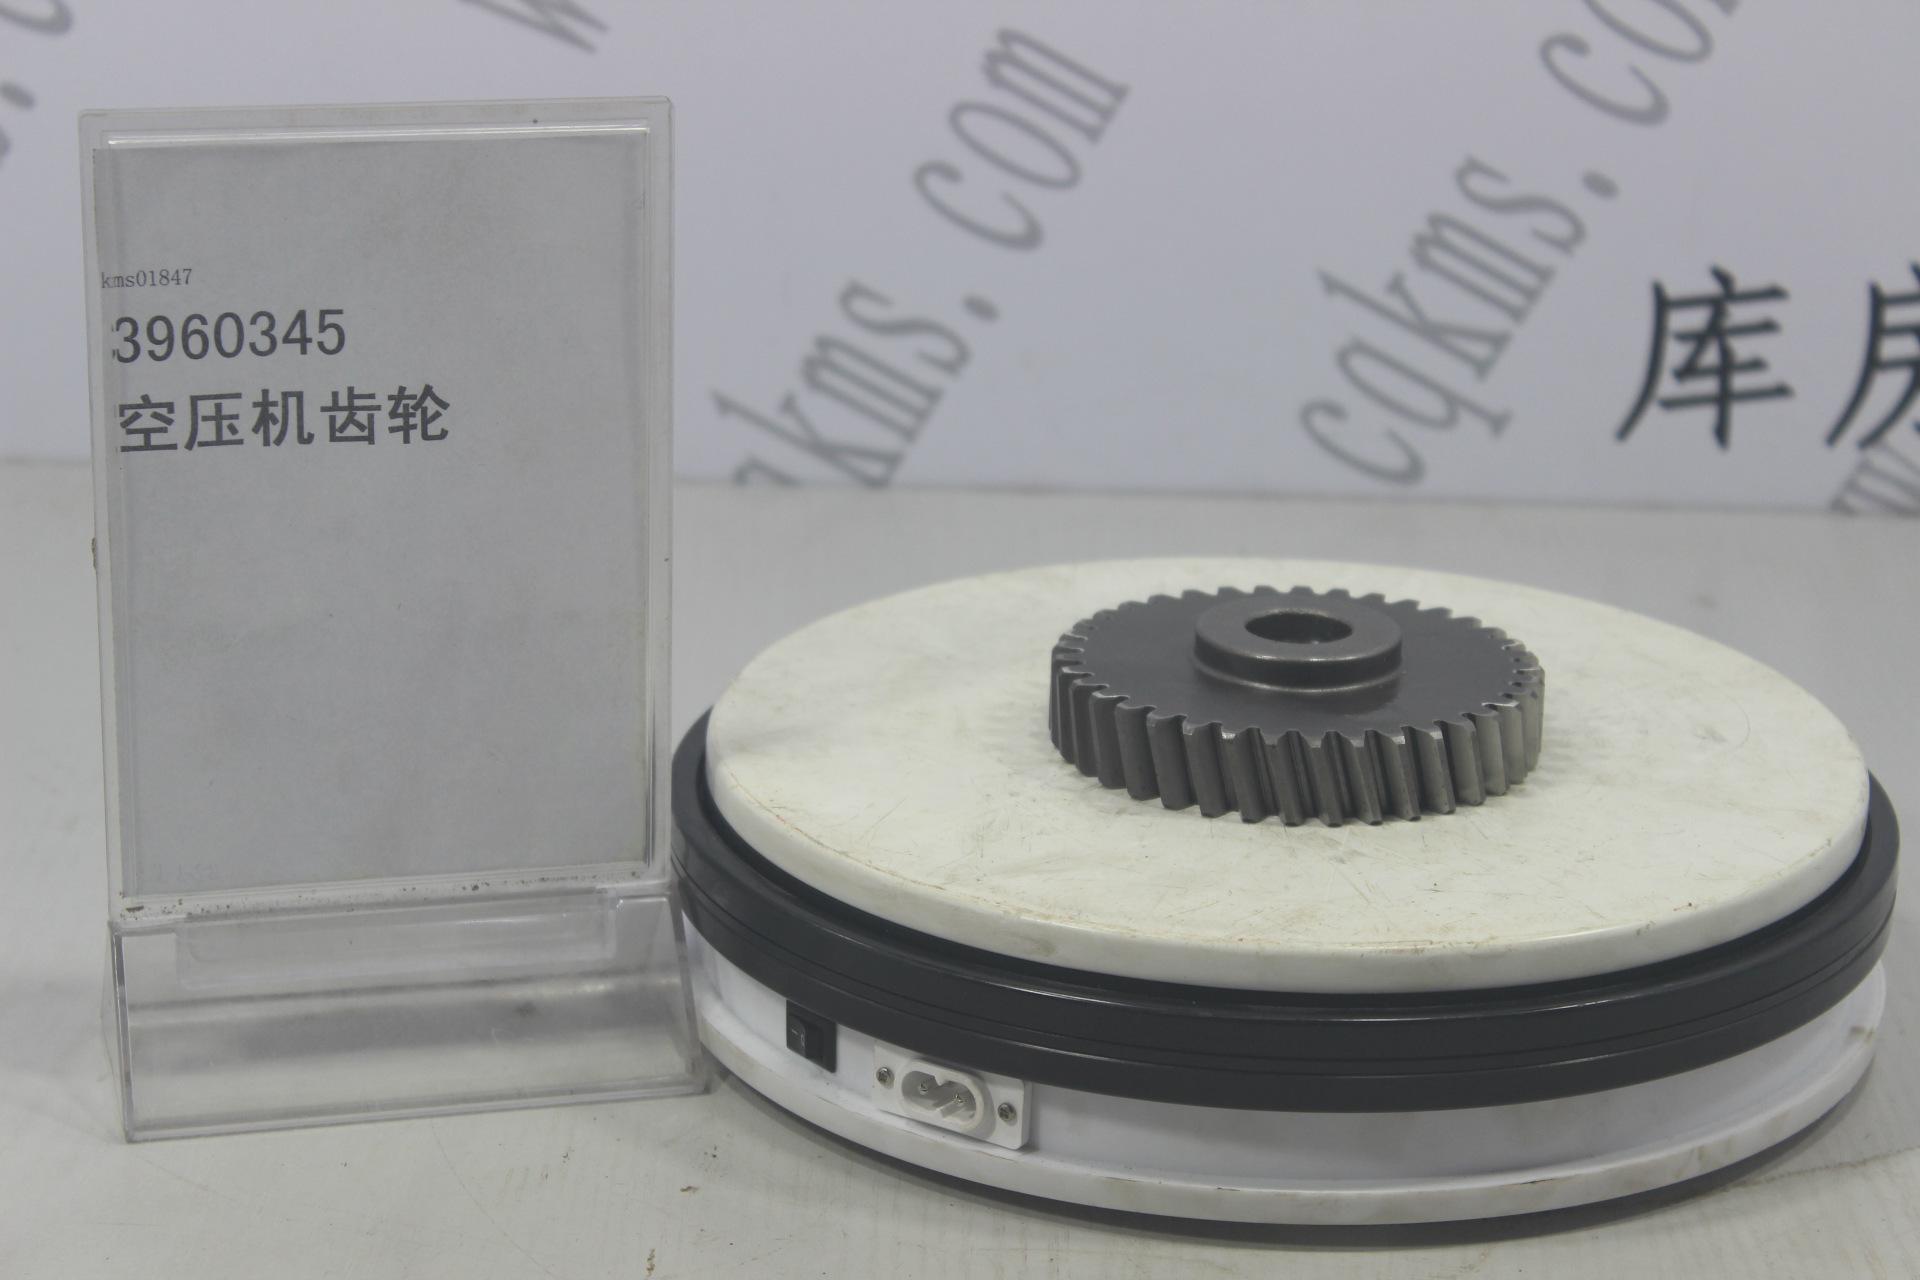 kms01847-3960345-空压机齿轮----参考重量1.05kg-1.05kg图片4